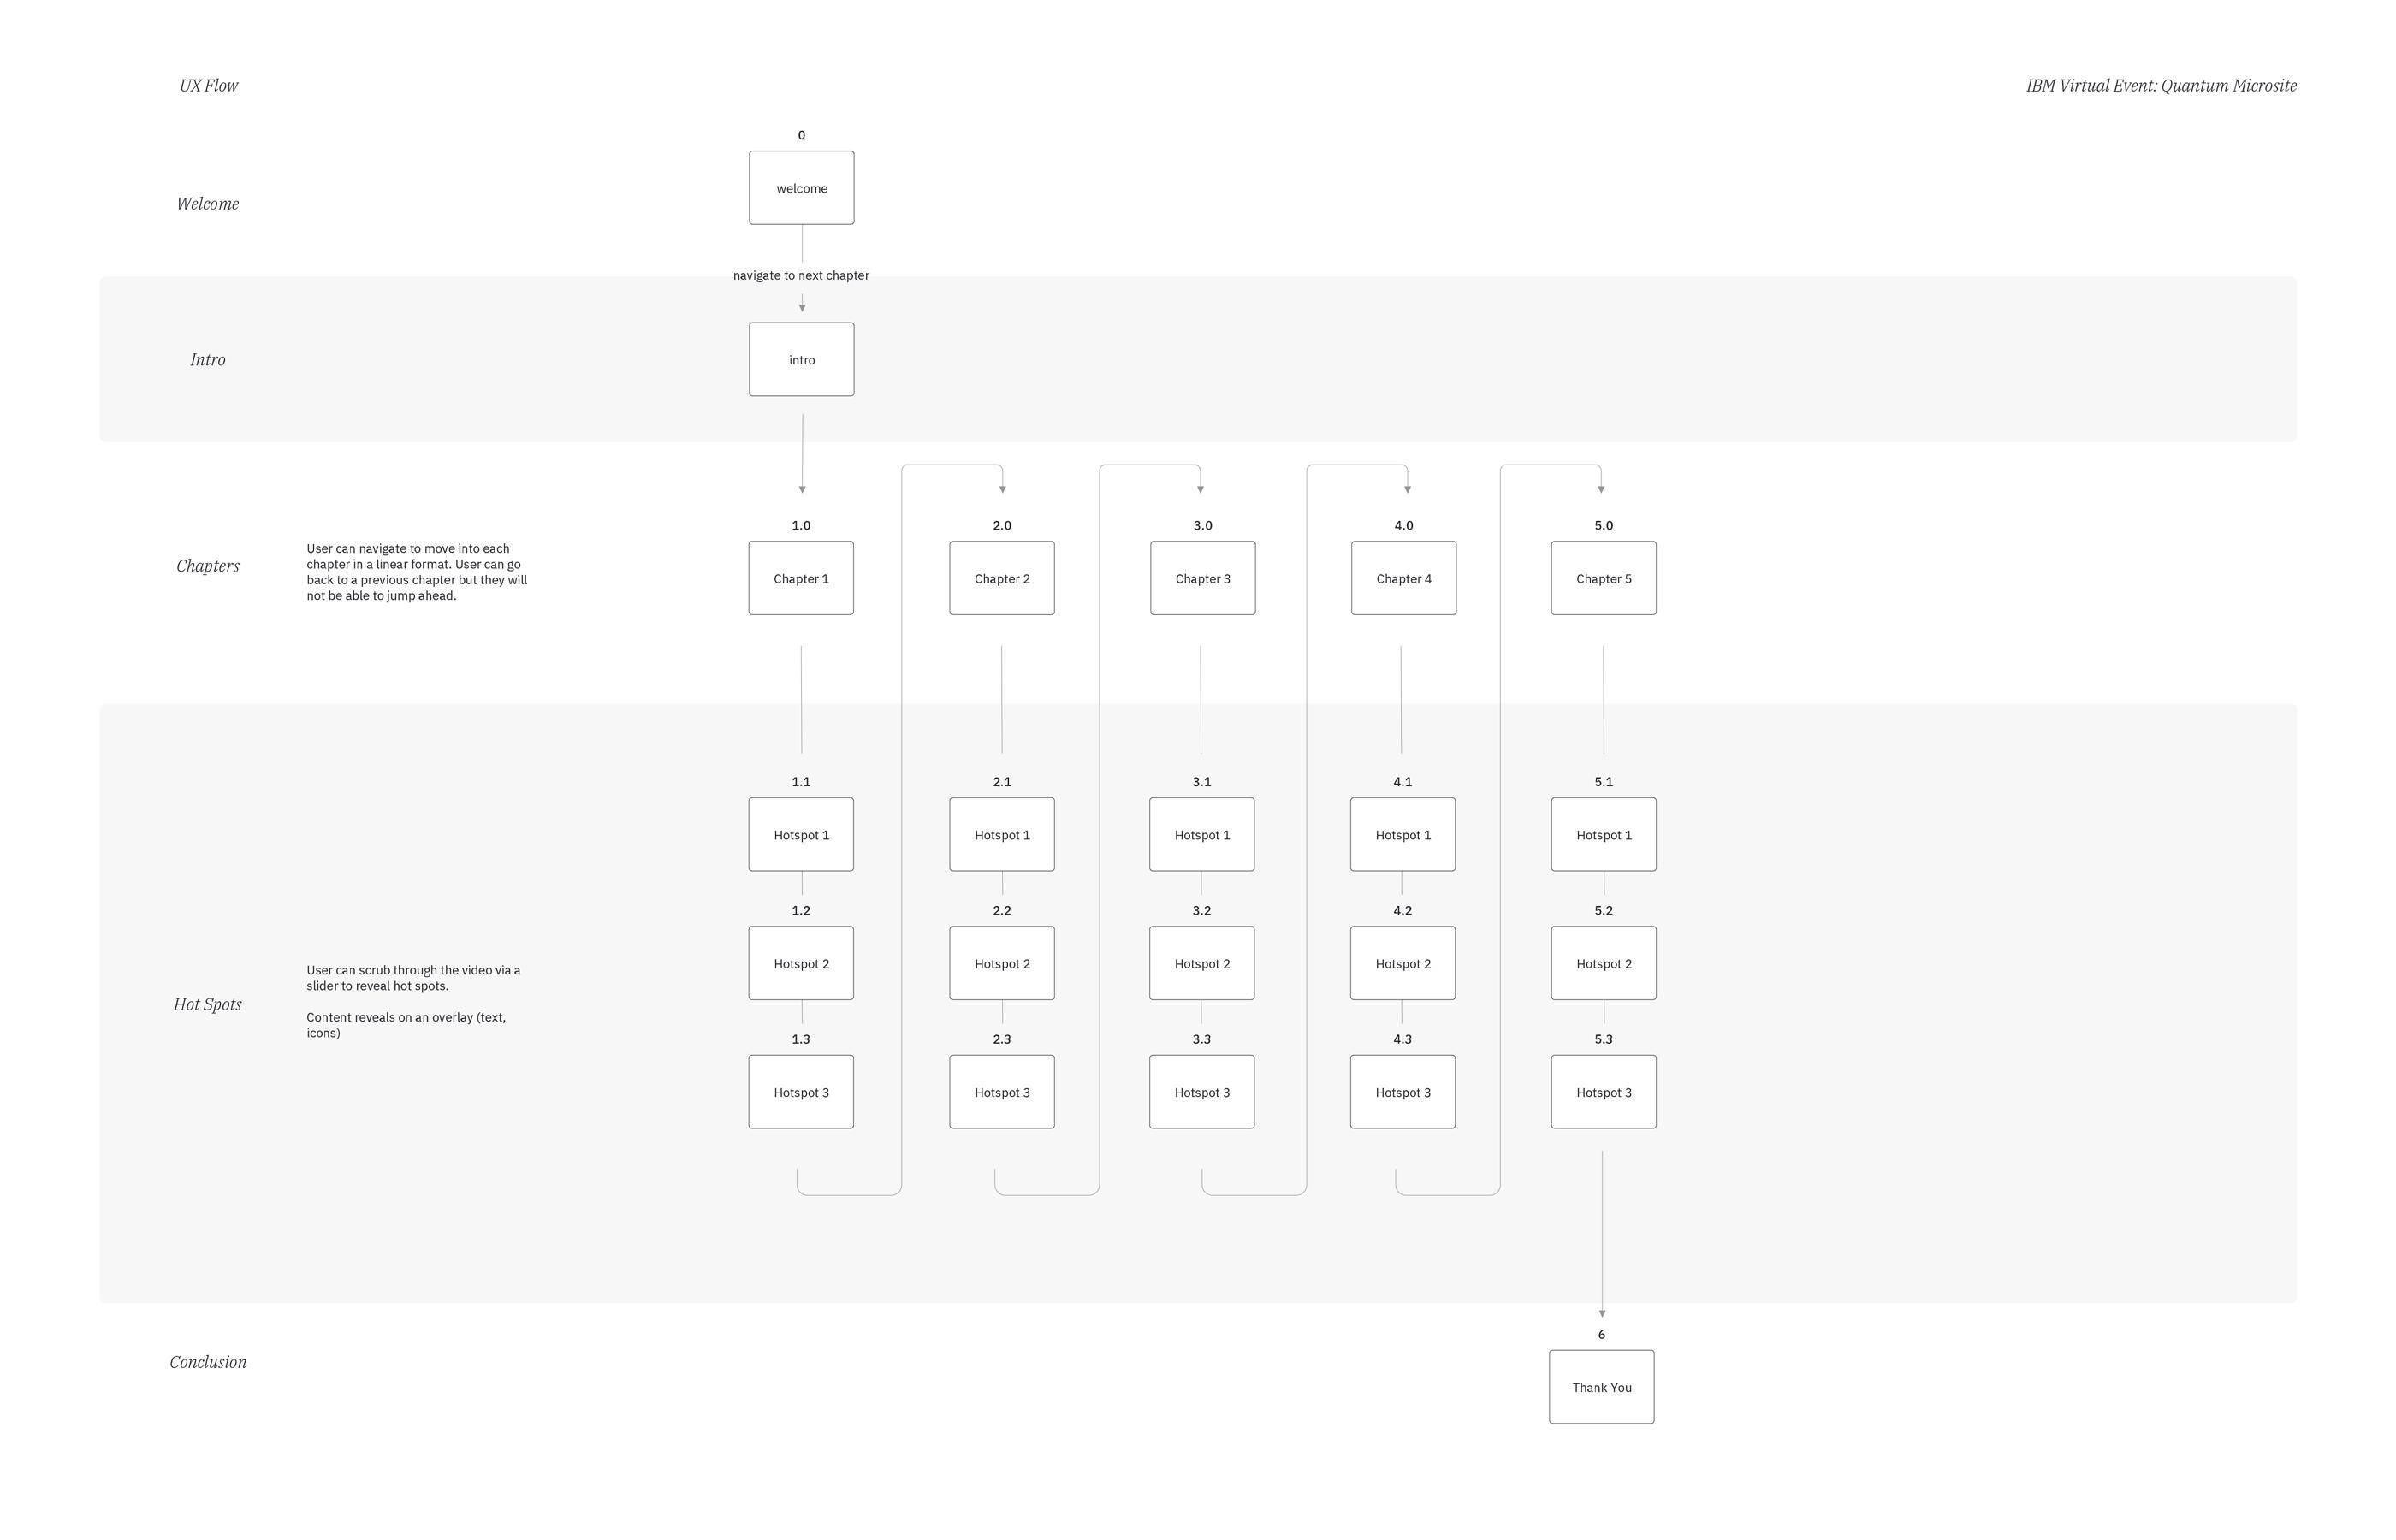 IBM_Q_14